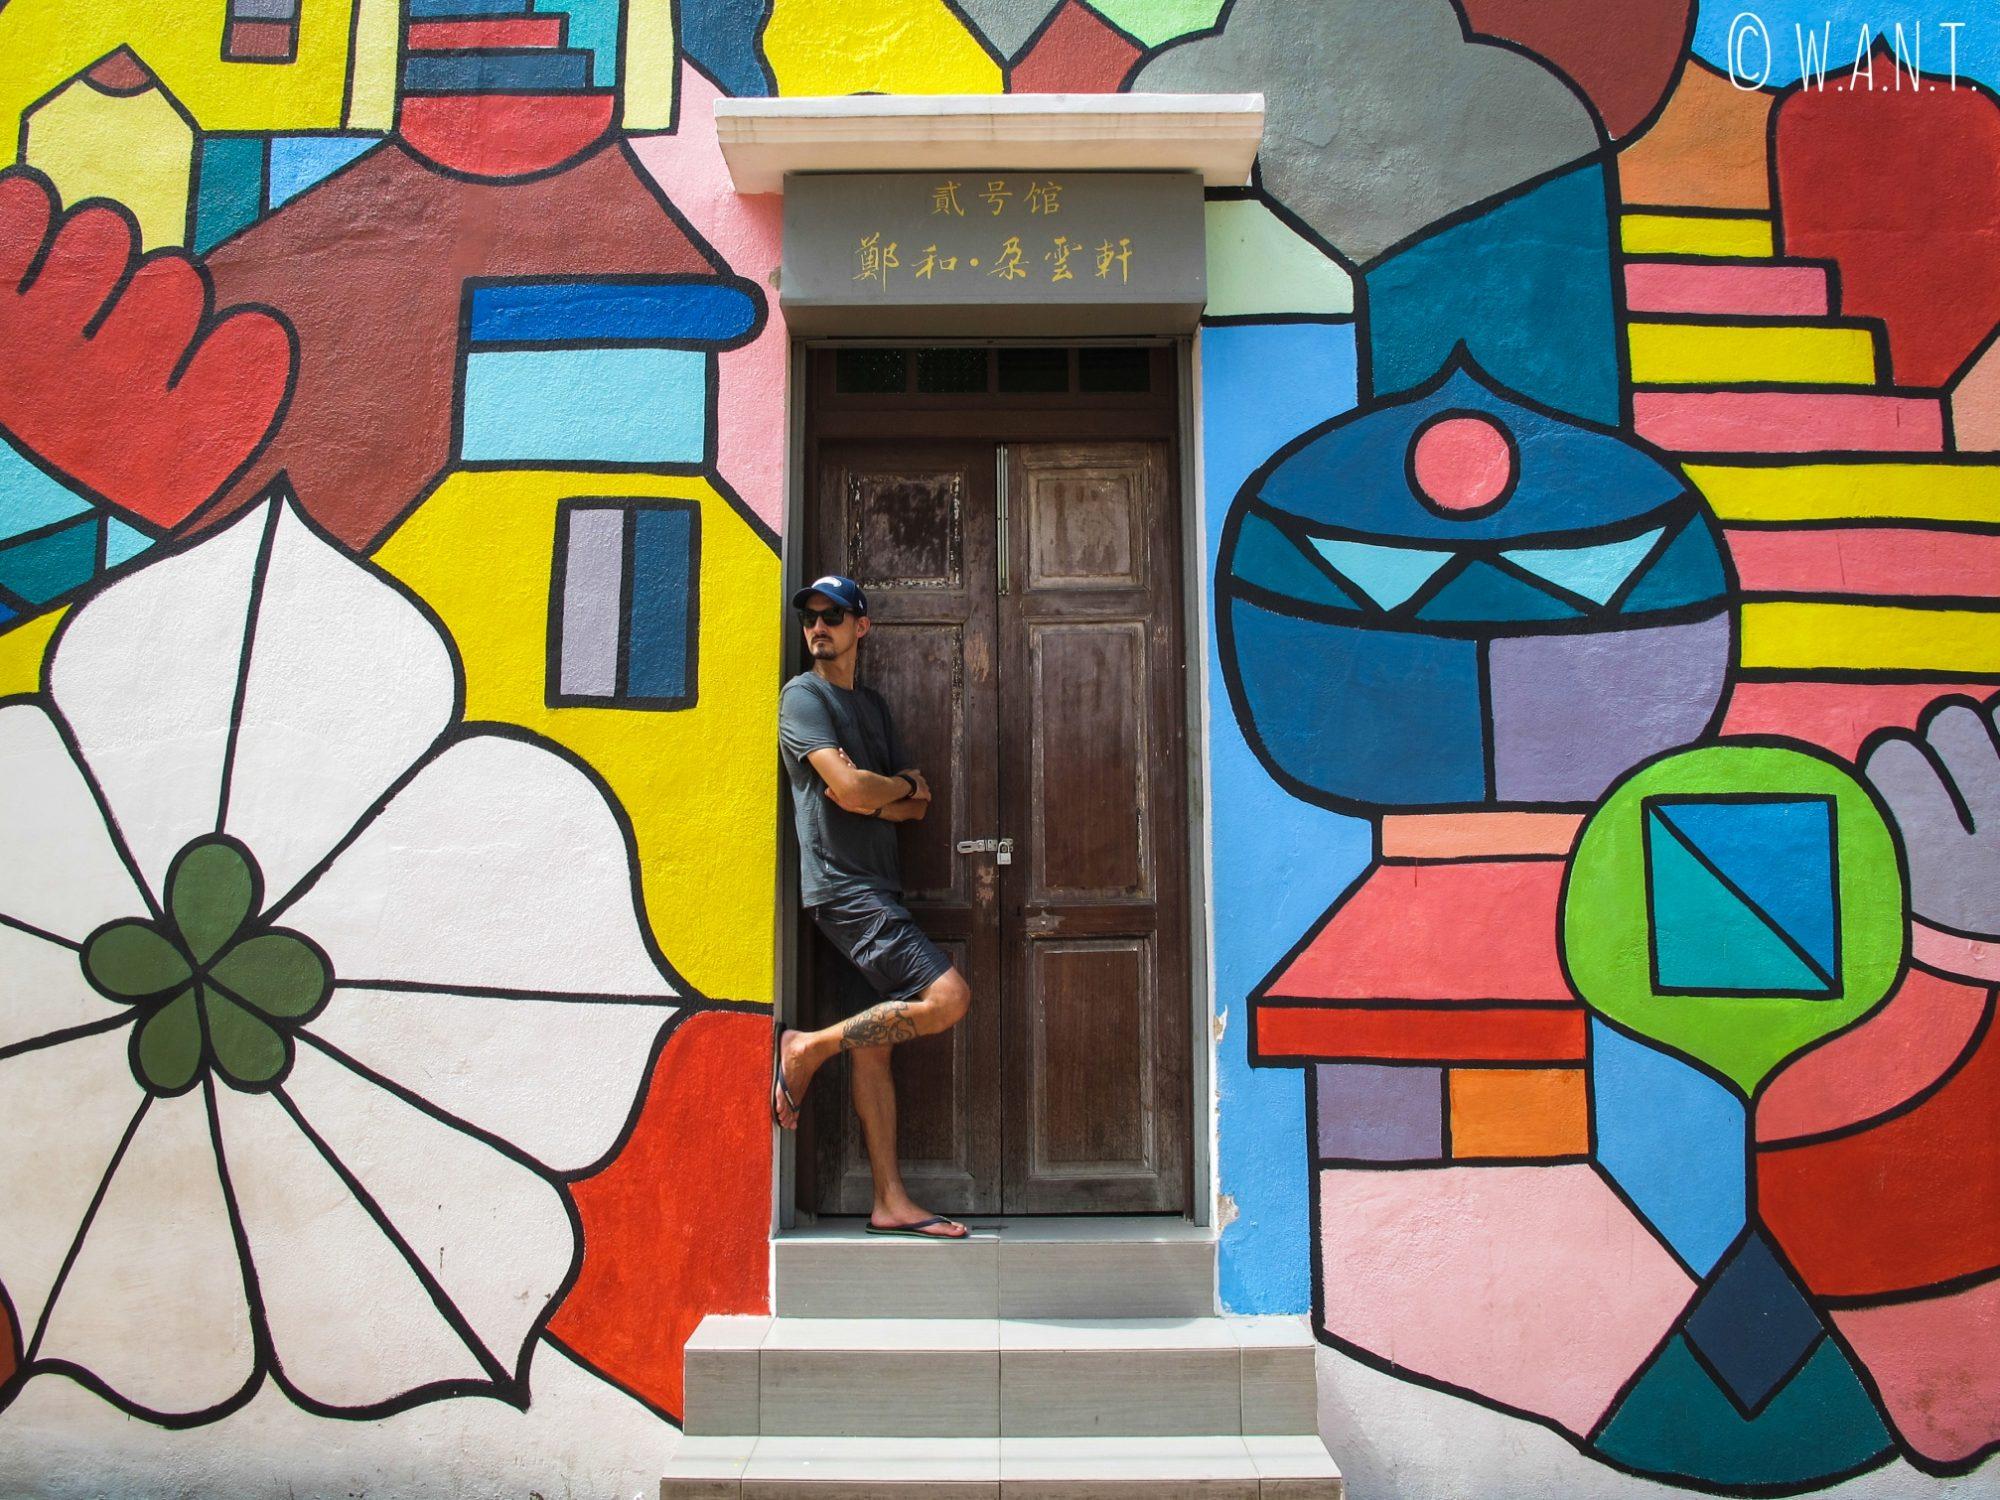 Benjamin apprécie l'art de rue qui recouvre les façades des maisons au bord de la rivière de Malacca